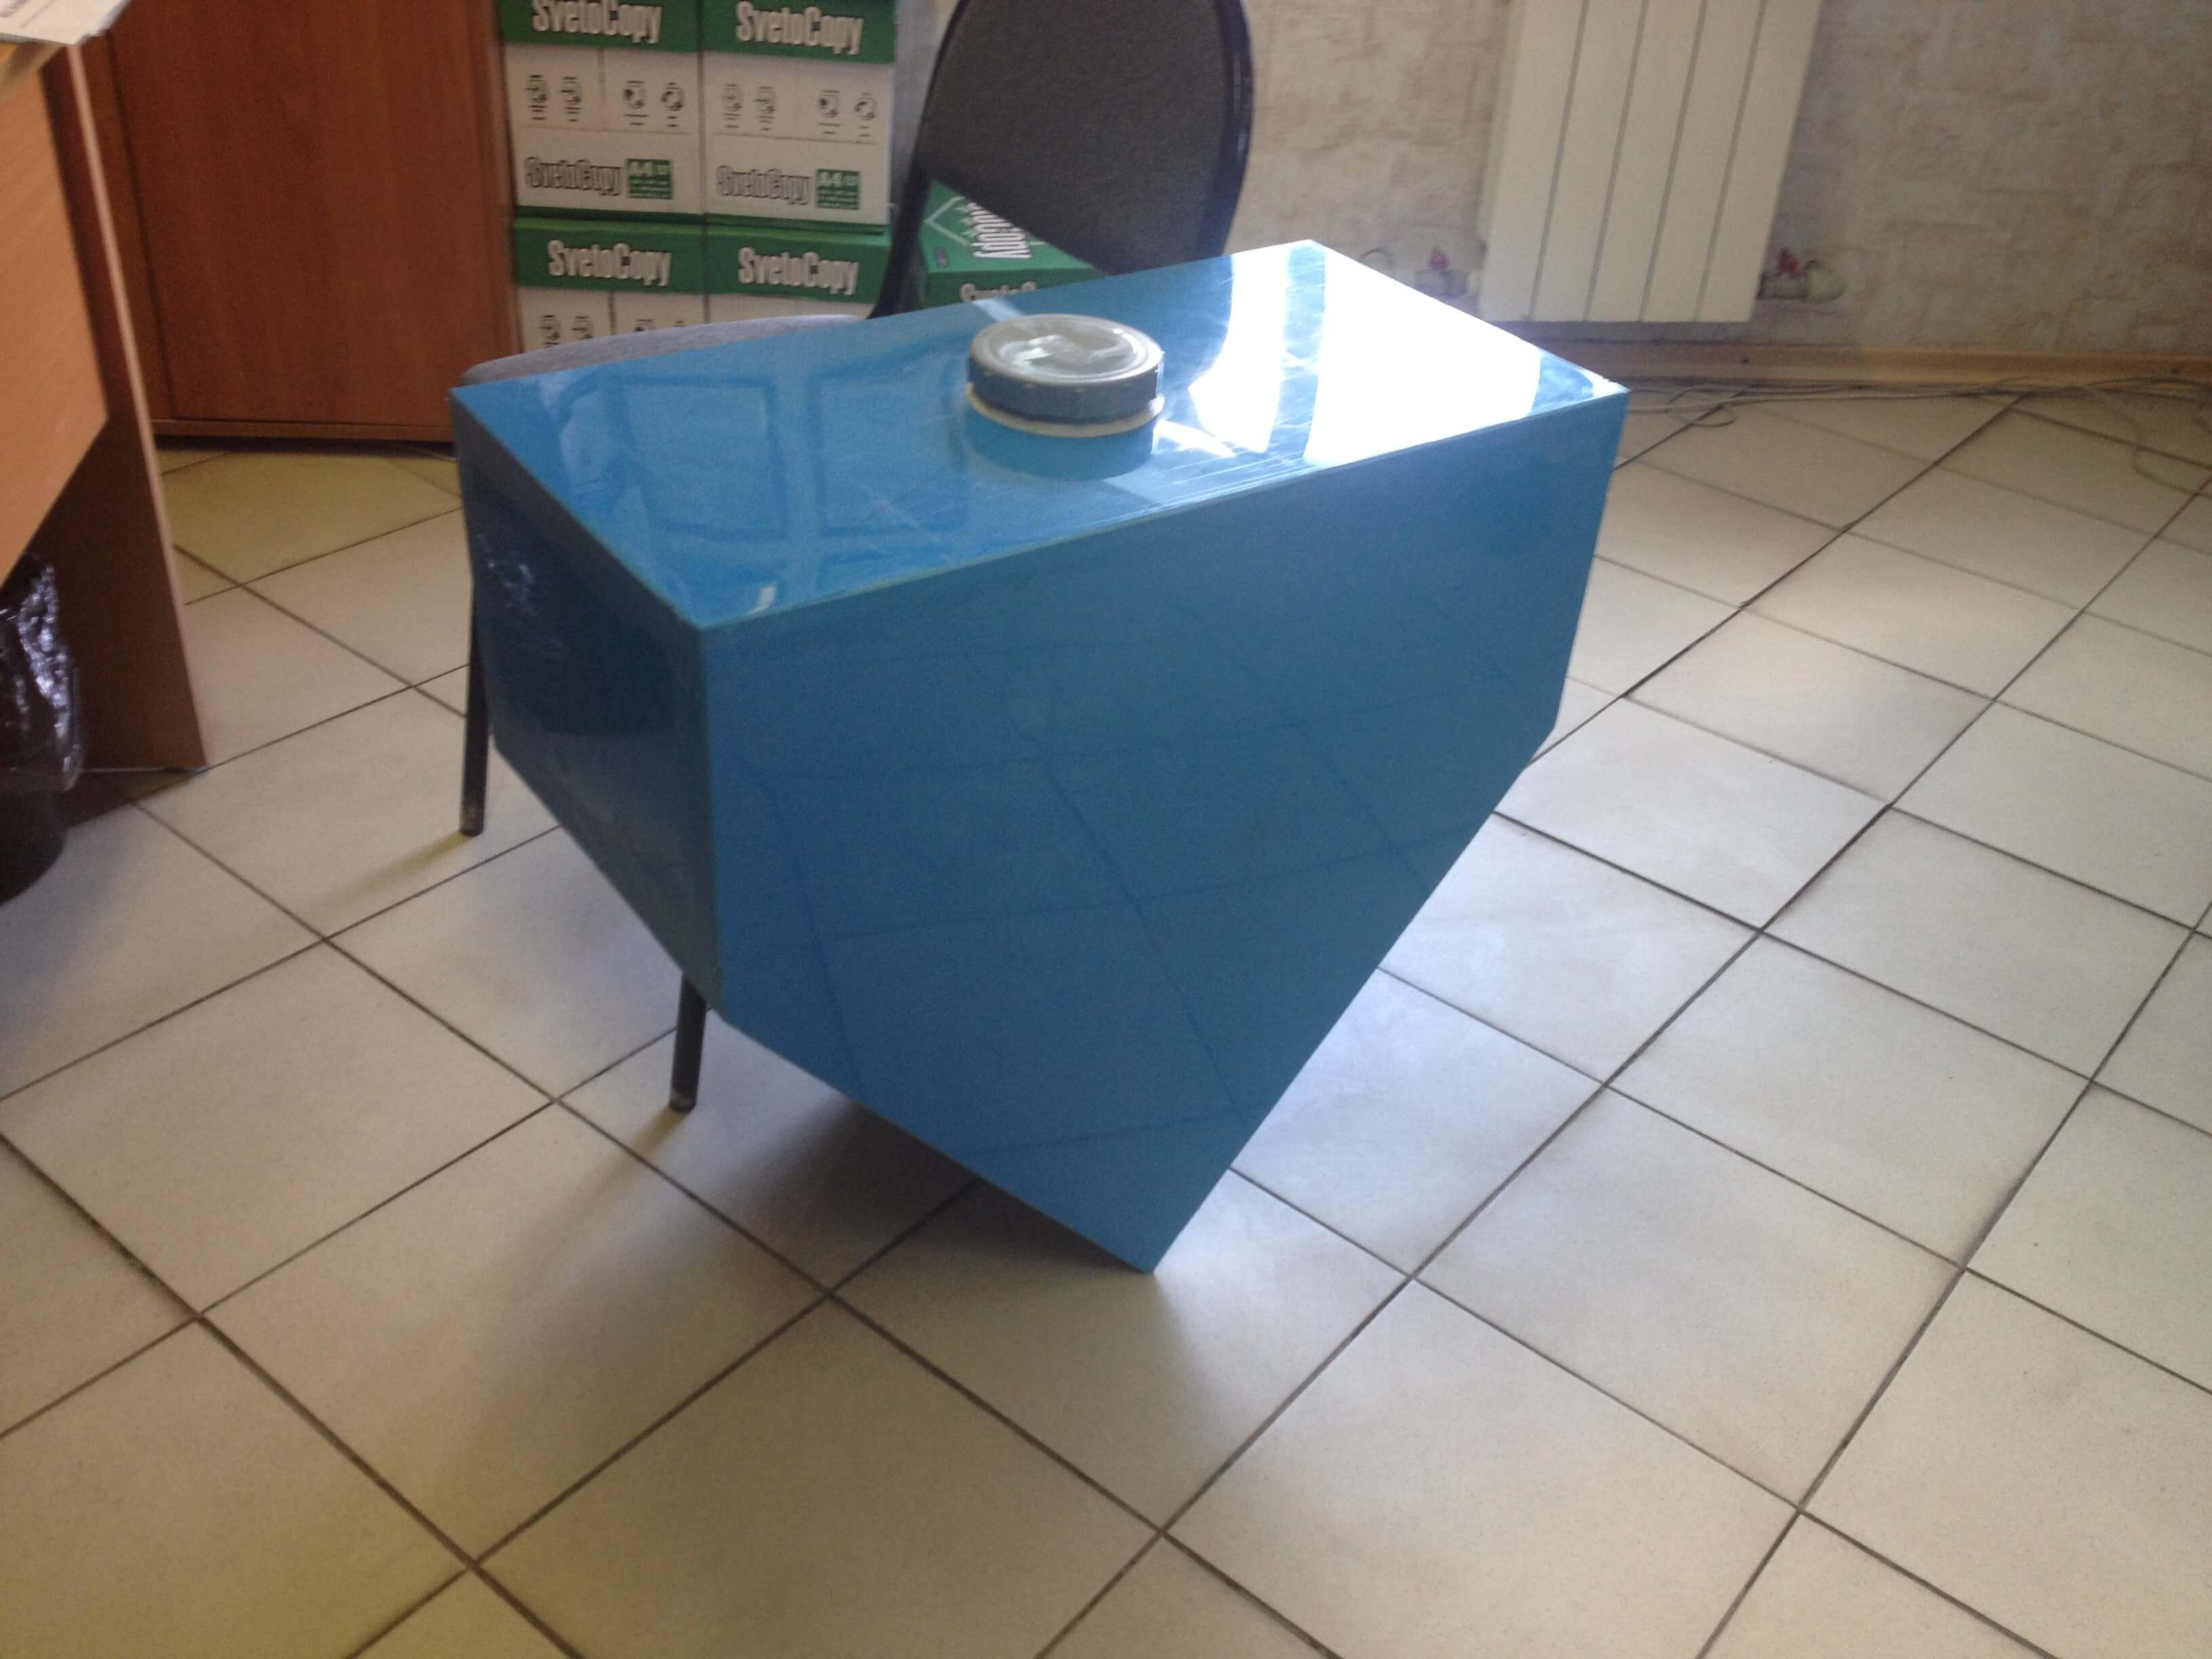 Фото №1. Емкость из ПП для хранения воды для катера. (Вид 1)